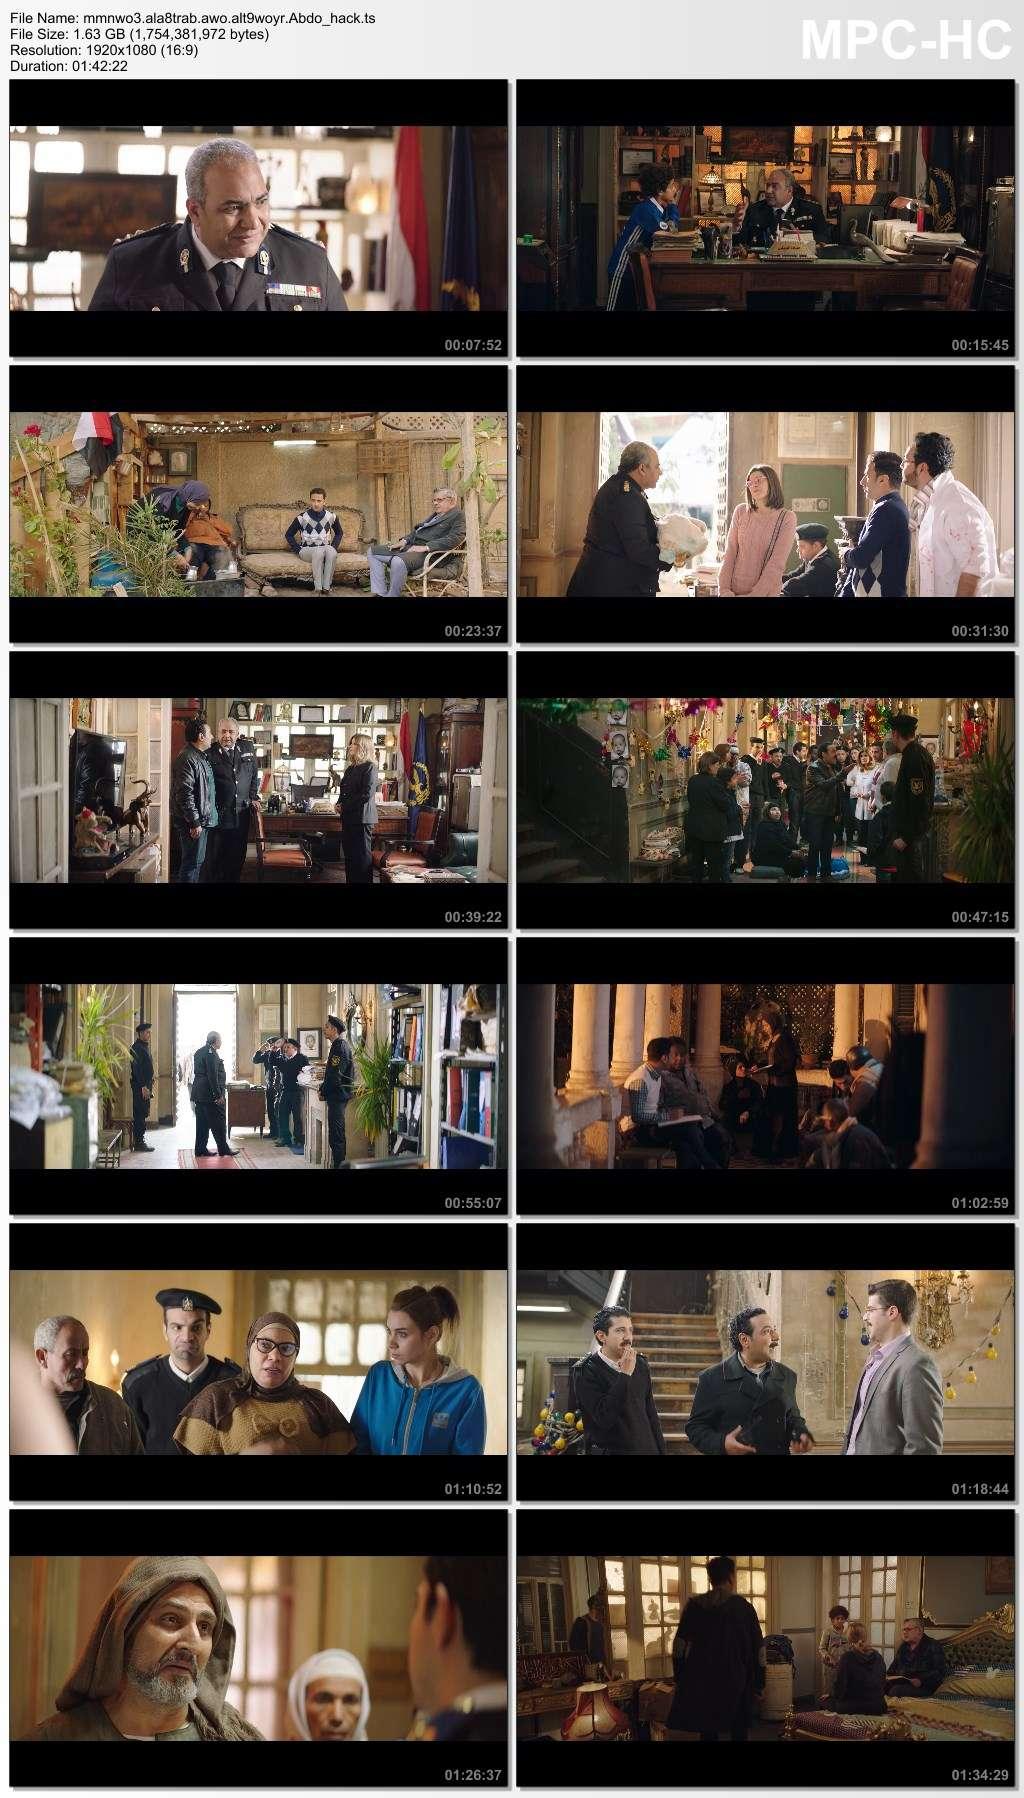 [فيلم][تورنت][تحميل][ممنوع الاقتراب أو التصوير][2017][1080p][Web-DL] 8 arabp2p.com